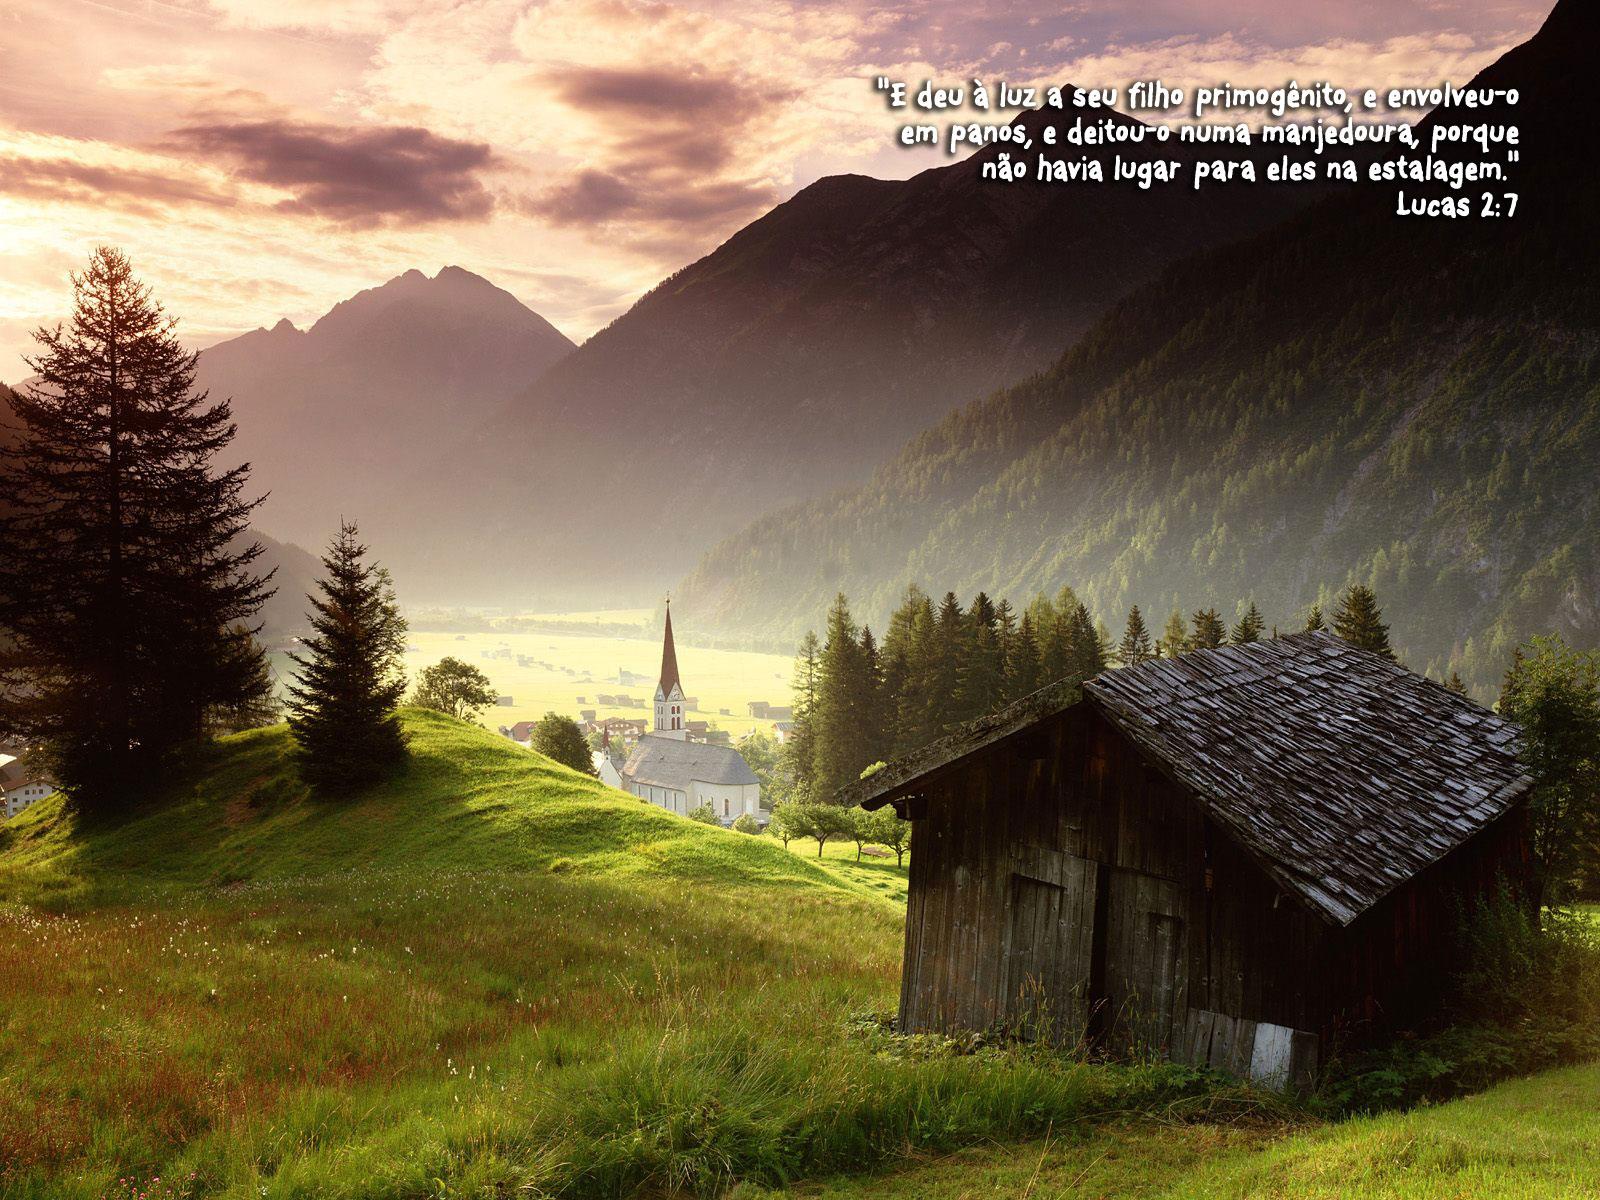 Mensagens Biblicas Evangelicas: Lindas Mensagens Evangelicas: Baixe Wallpaper Grátis No